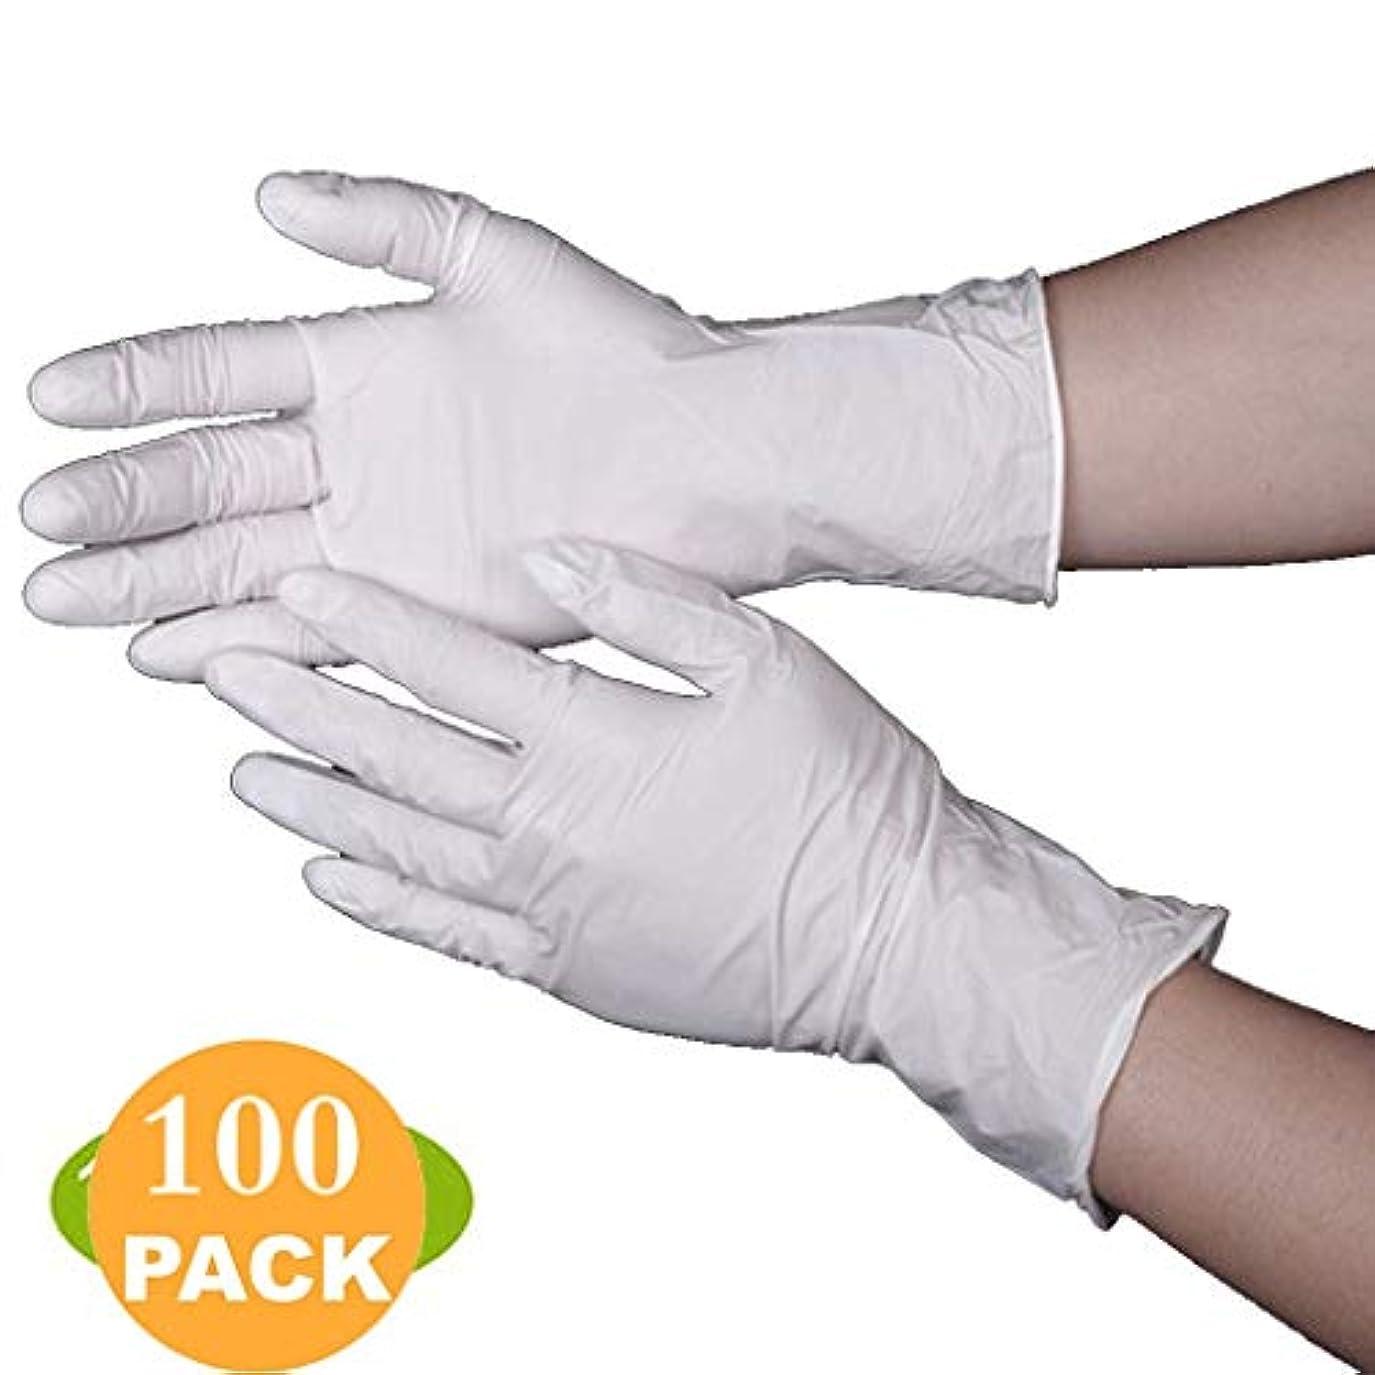 ユダヤ人誇大妄想通信網ニトリル使い捨て9インチの厚さのゴム食品加工手袋ホワイト耐性-100パーボックス (Size : M)